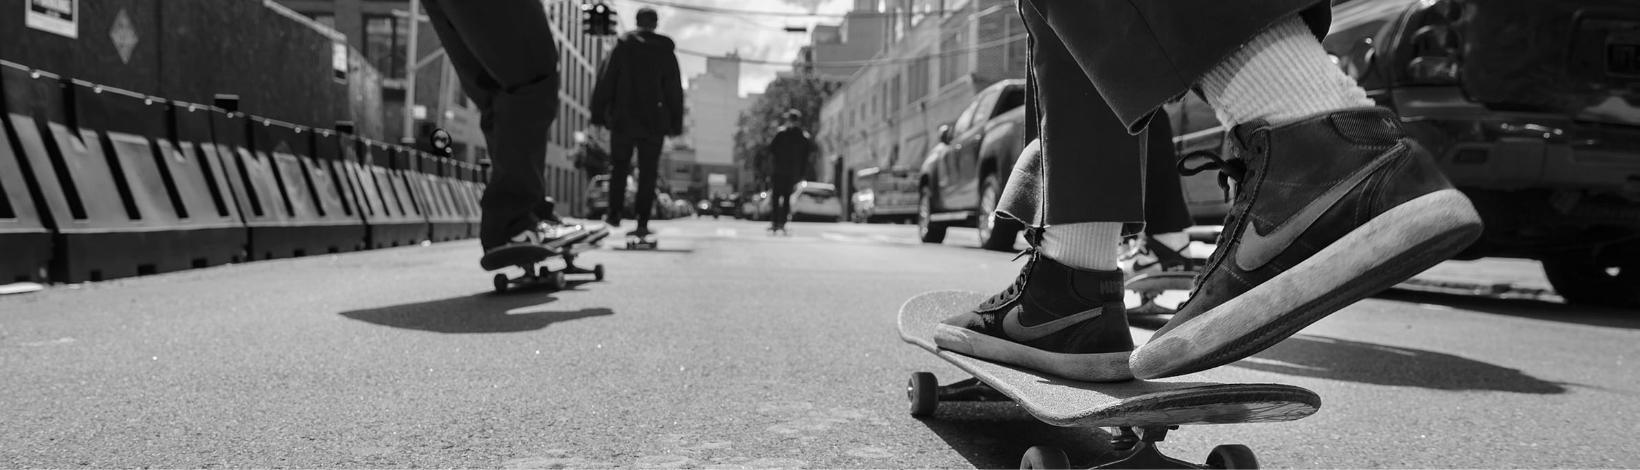 New in Skate